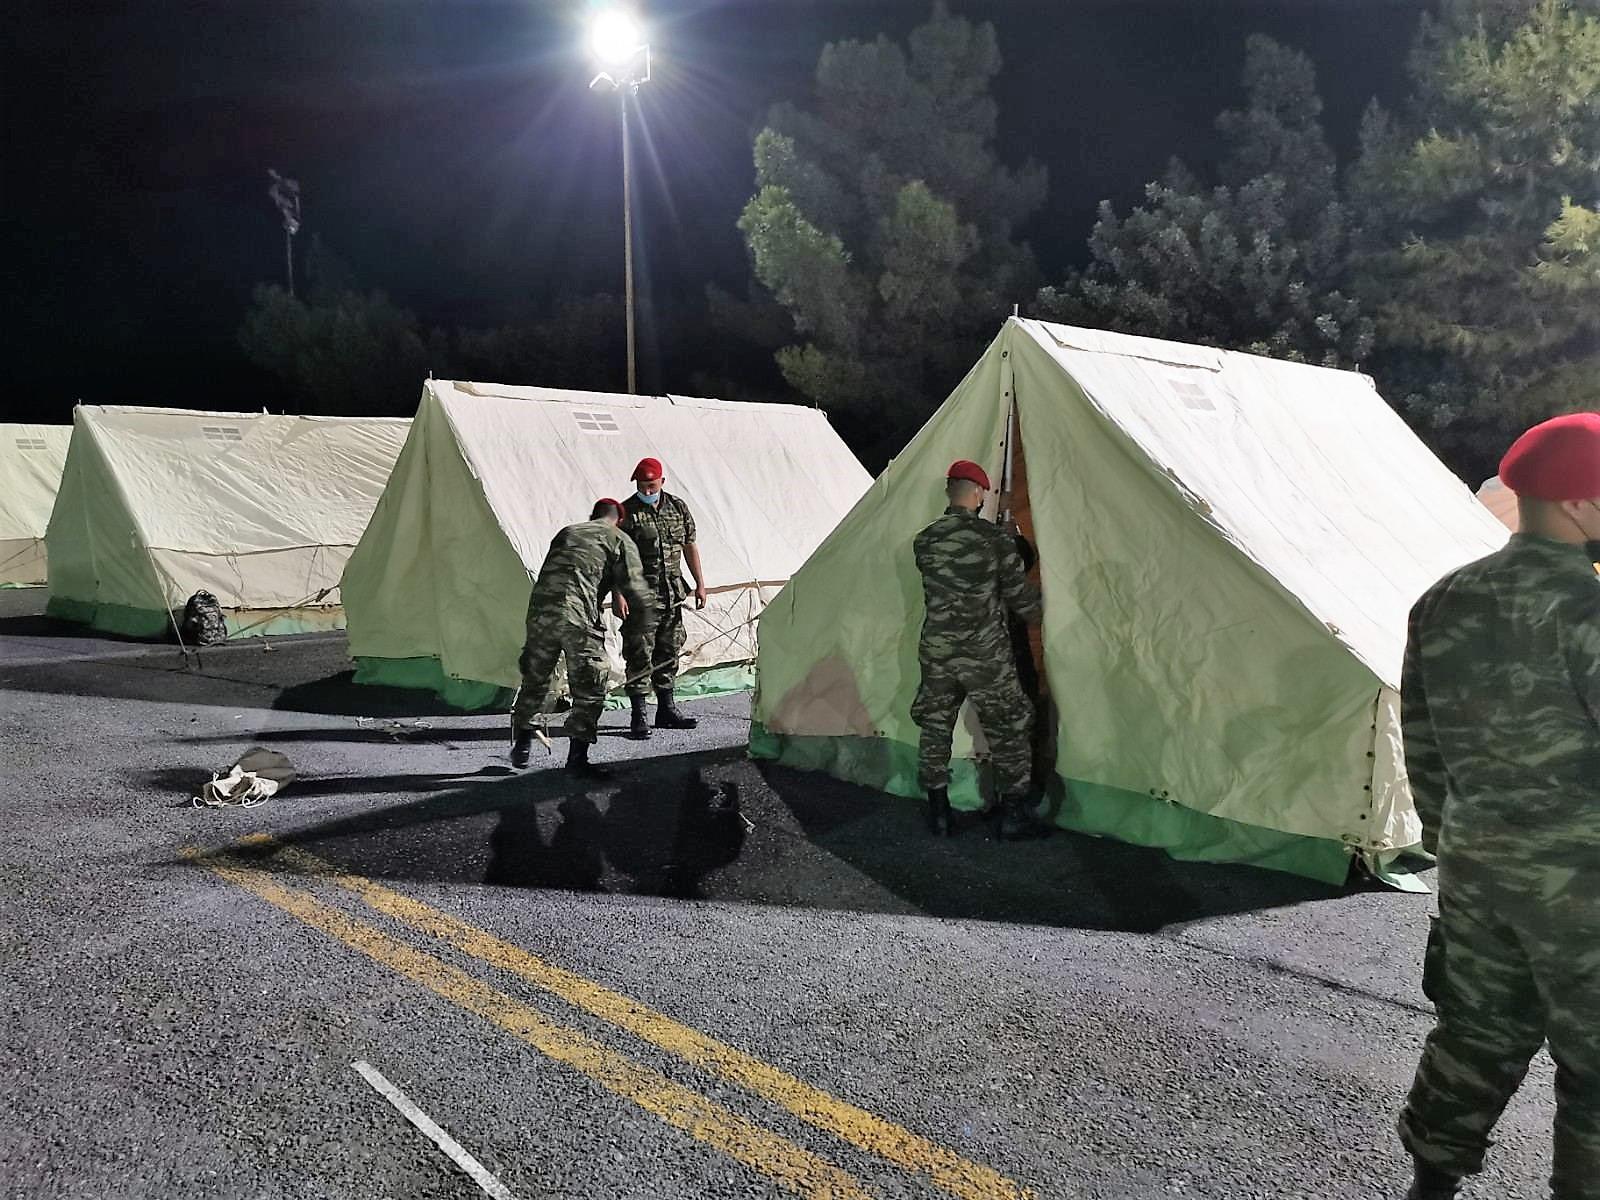 Επί ποδός οι Ένοπλες Δυνάμεις: Συνδρομή στις σεισμόπληκτες περιοχές της Κρήτης [pics, vid]